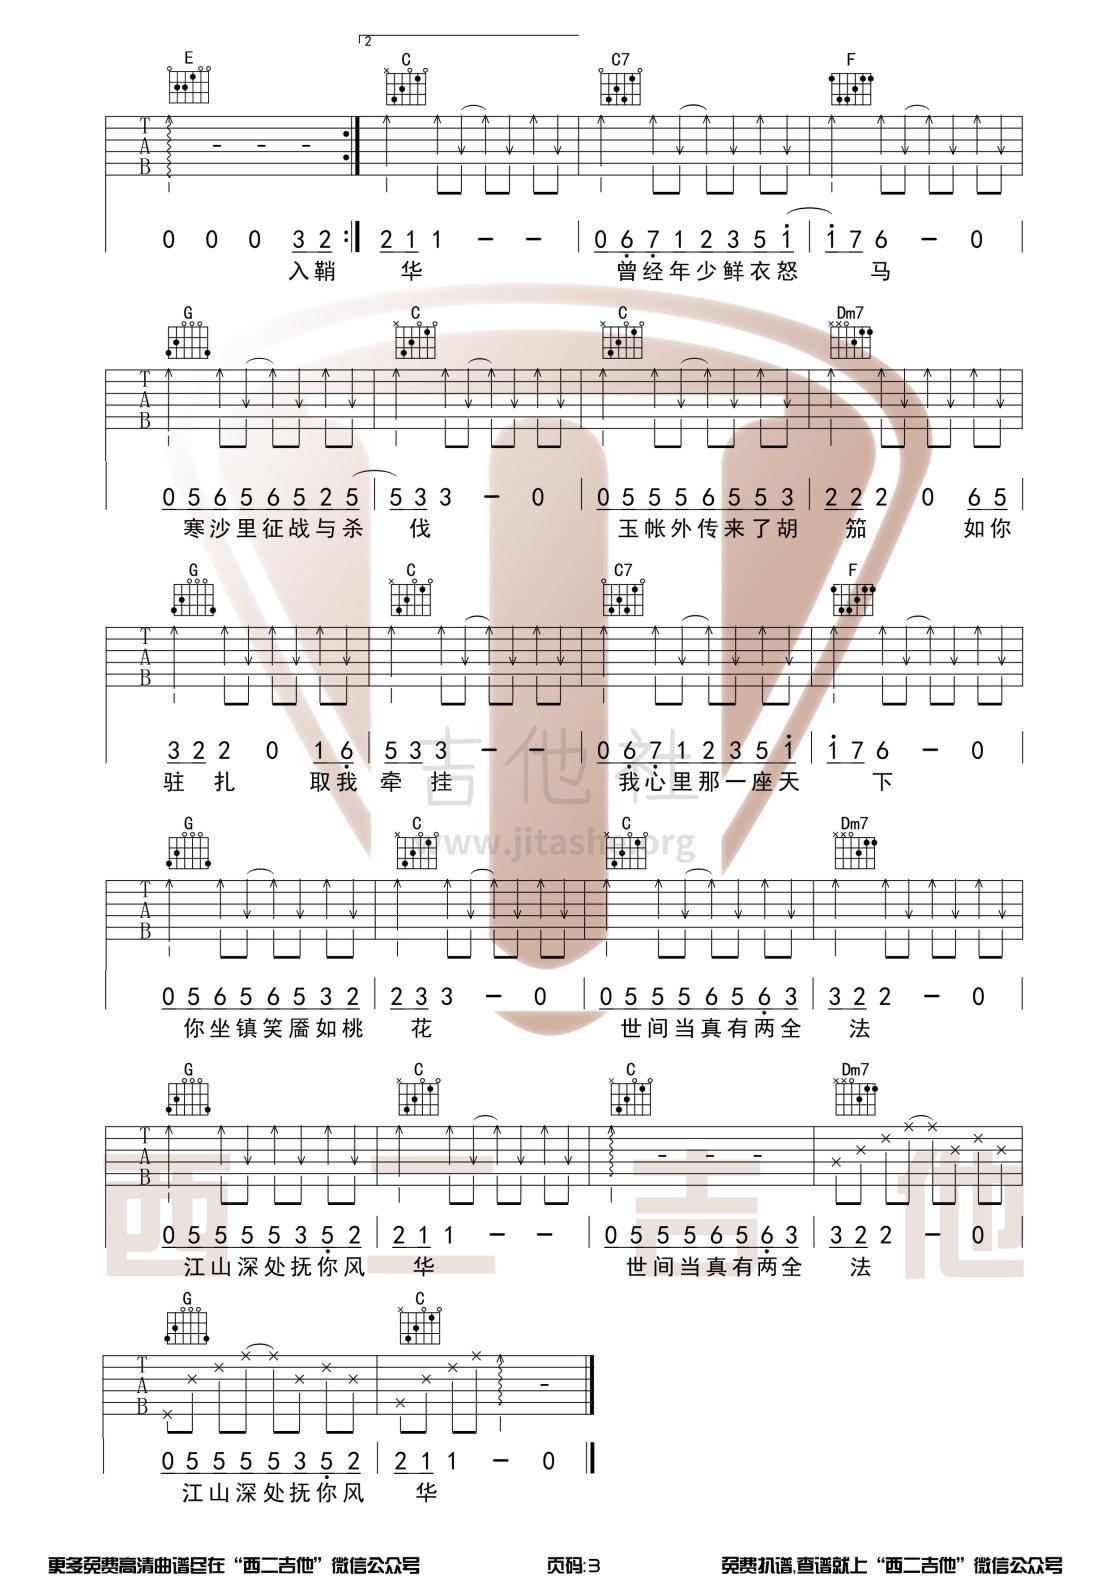 绝代风华(天下3十周年主题曲)吉他谱(图片谱,全网首发,原版伴奏,弹唱)_许嵩(Vae)_绝代风华3.jpg